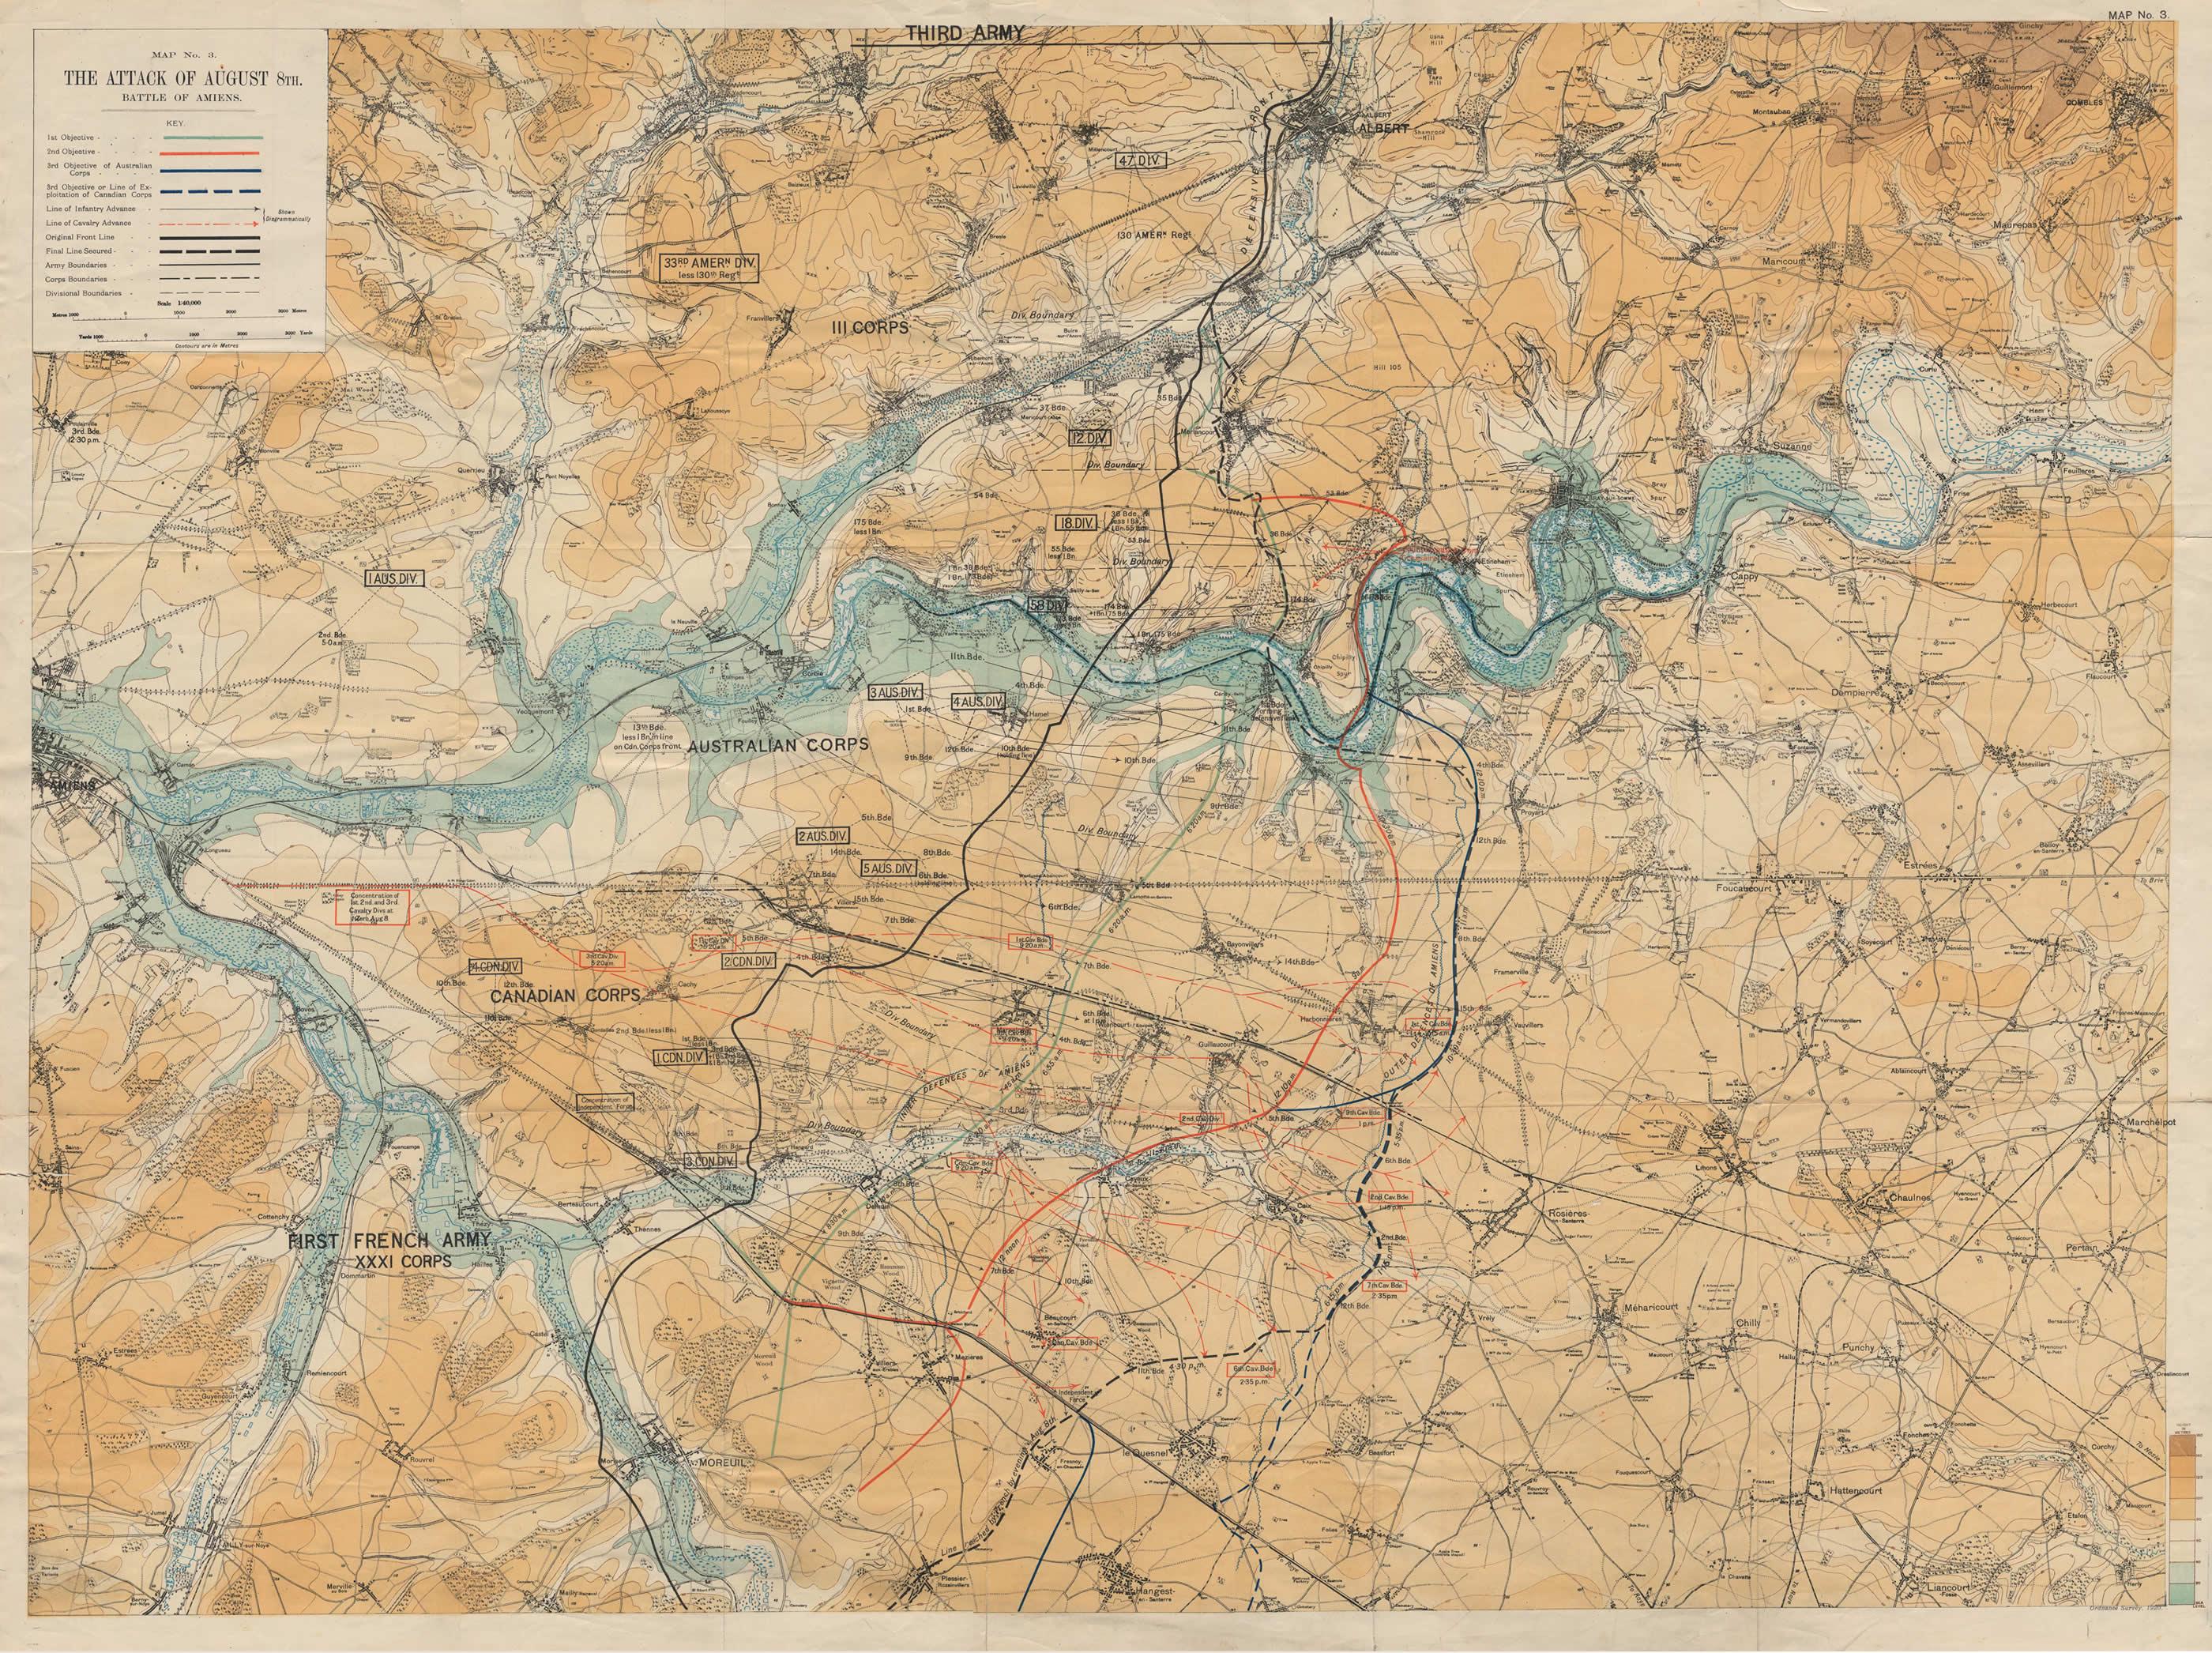 Carte de la bataille d'Amiens, le 8 août 1918